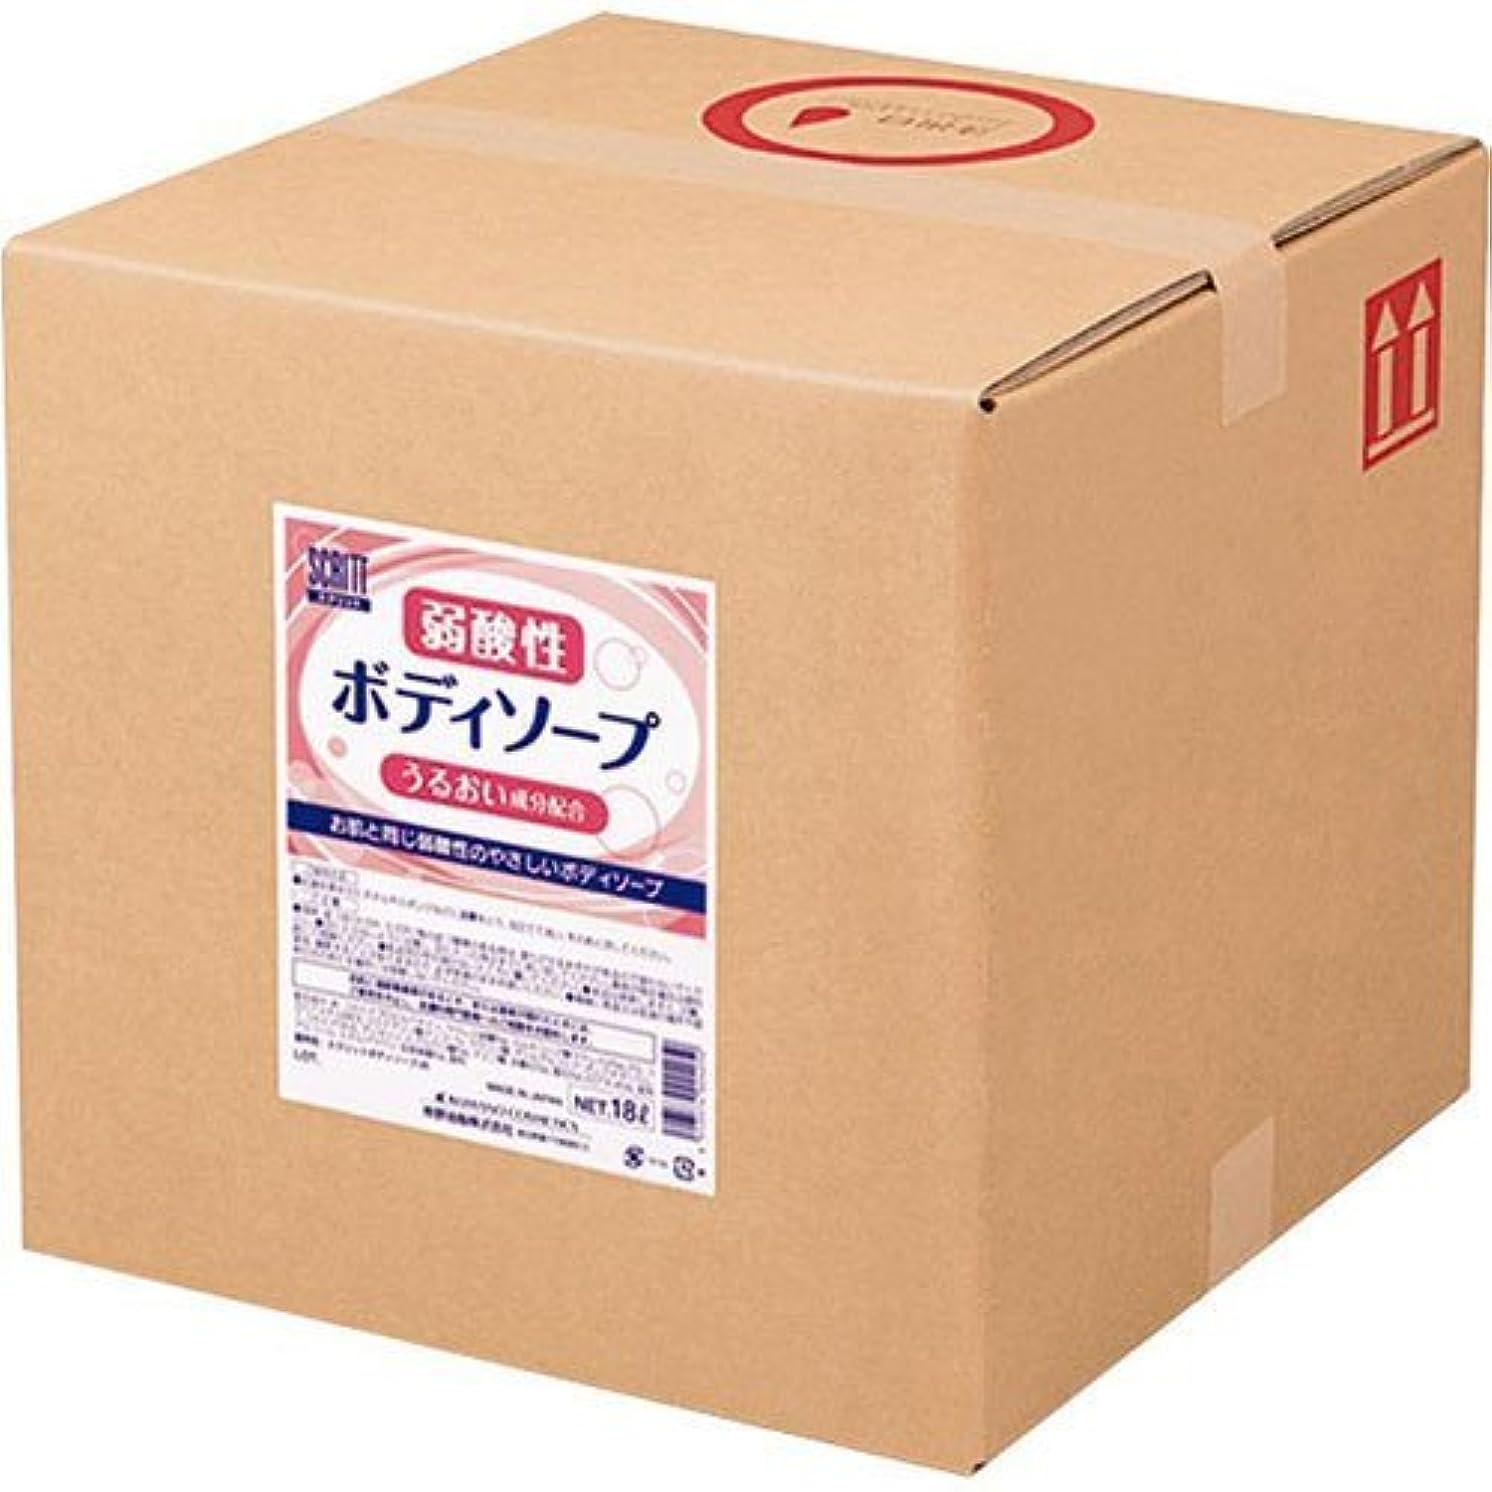 腸目的クール熊野油脂 業務用 SCRITT(スクリット) 弱酸性ボディソープ 18L